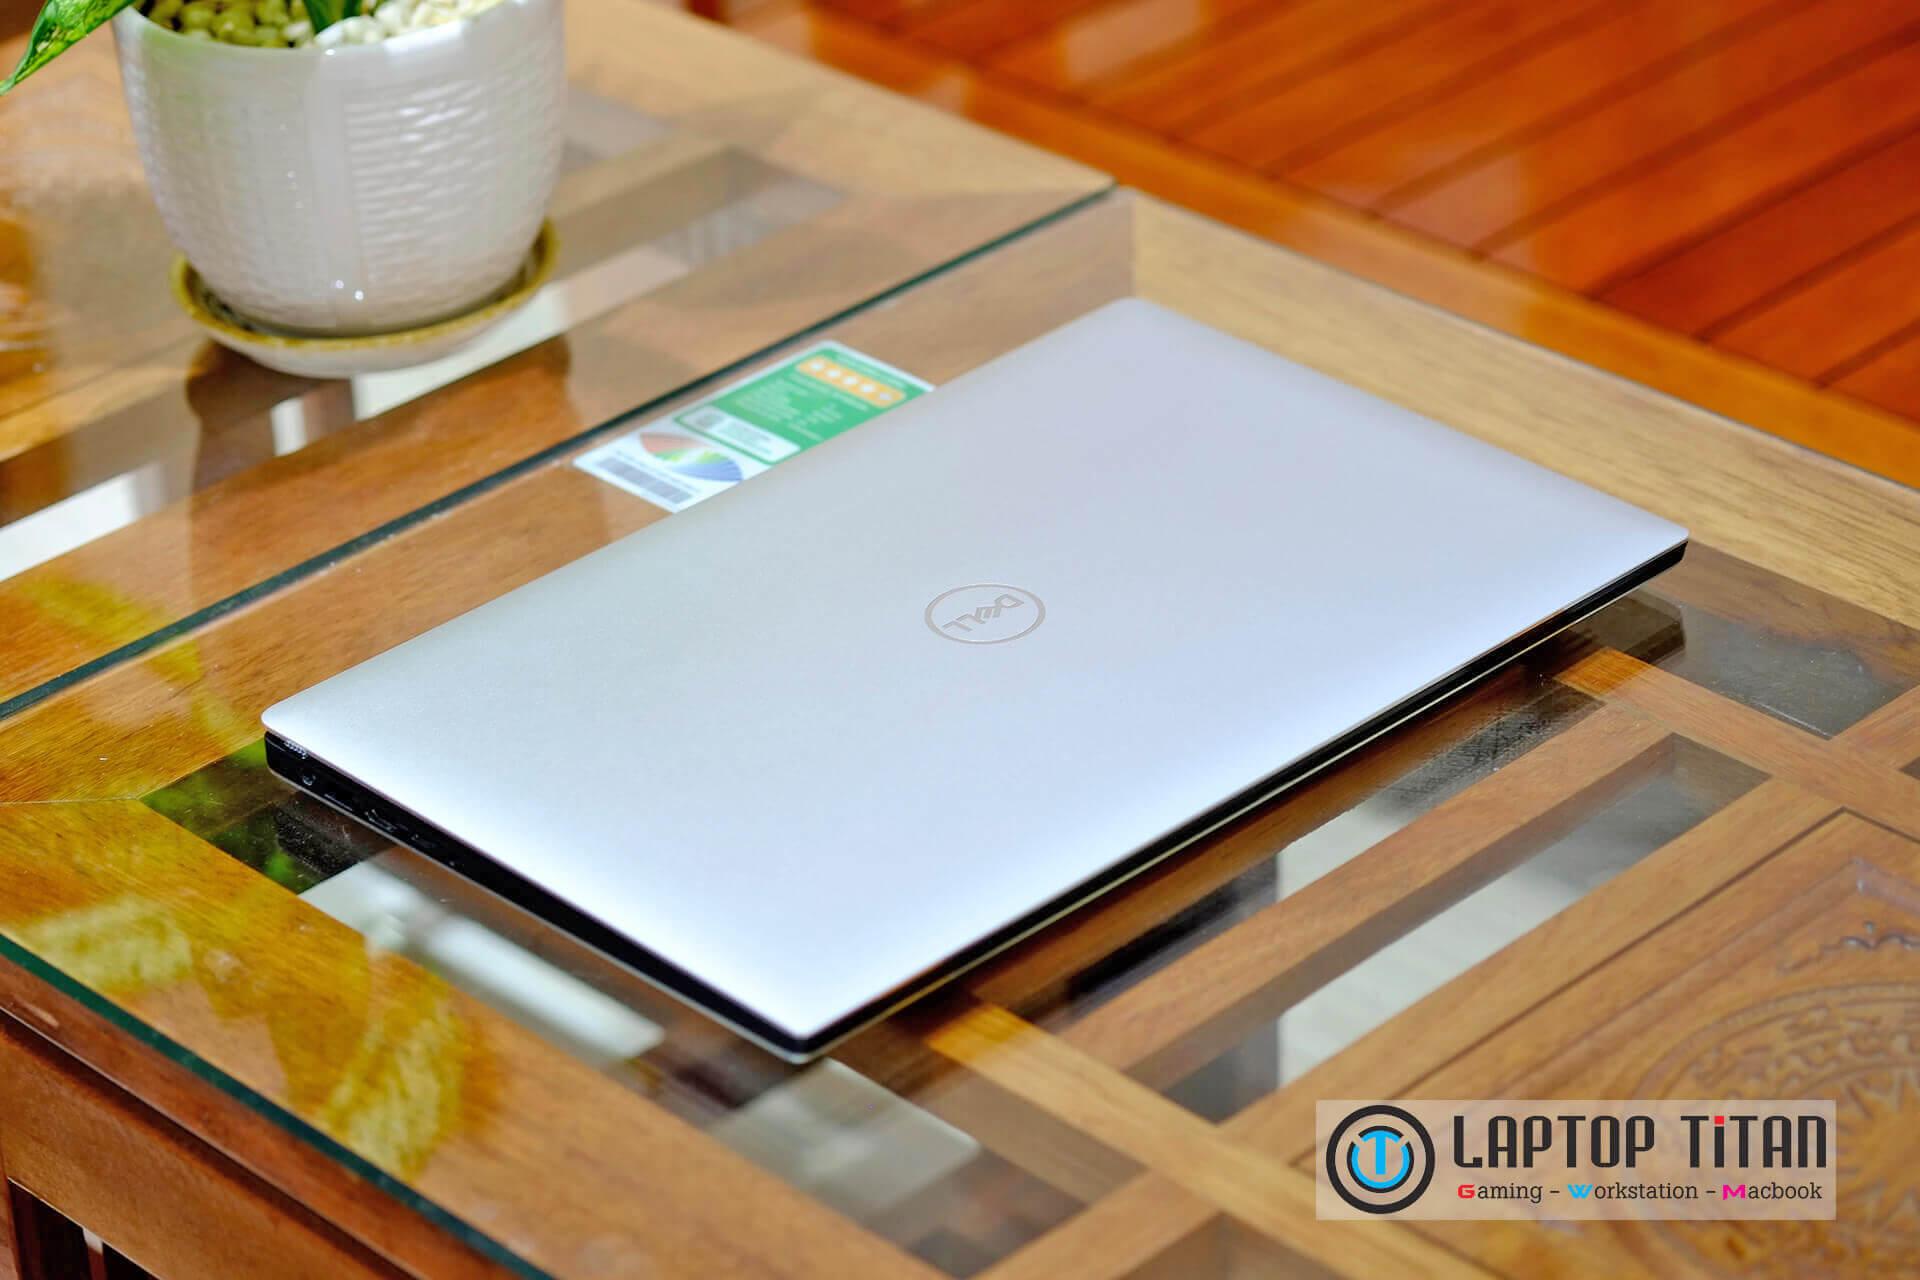 Dell Xps 15 9570 Laptoptitan 05